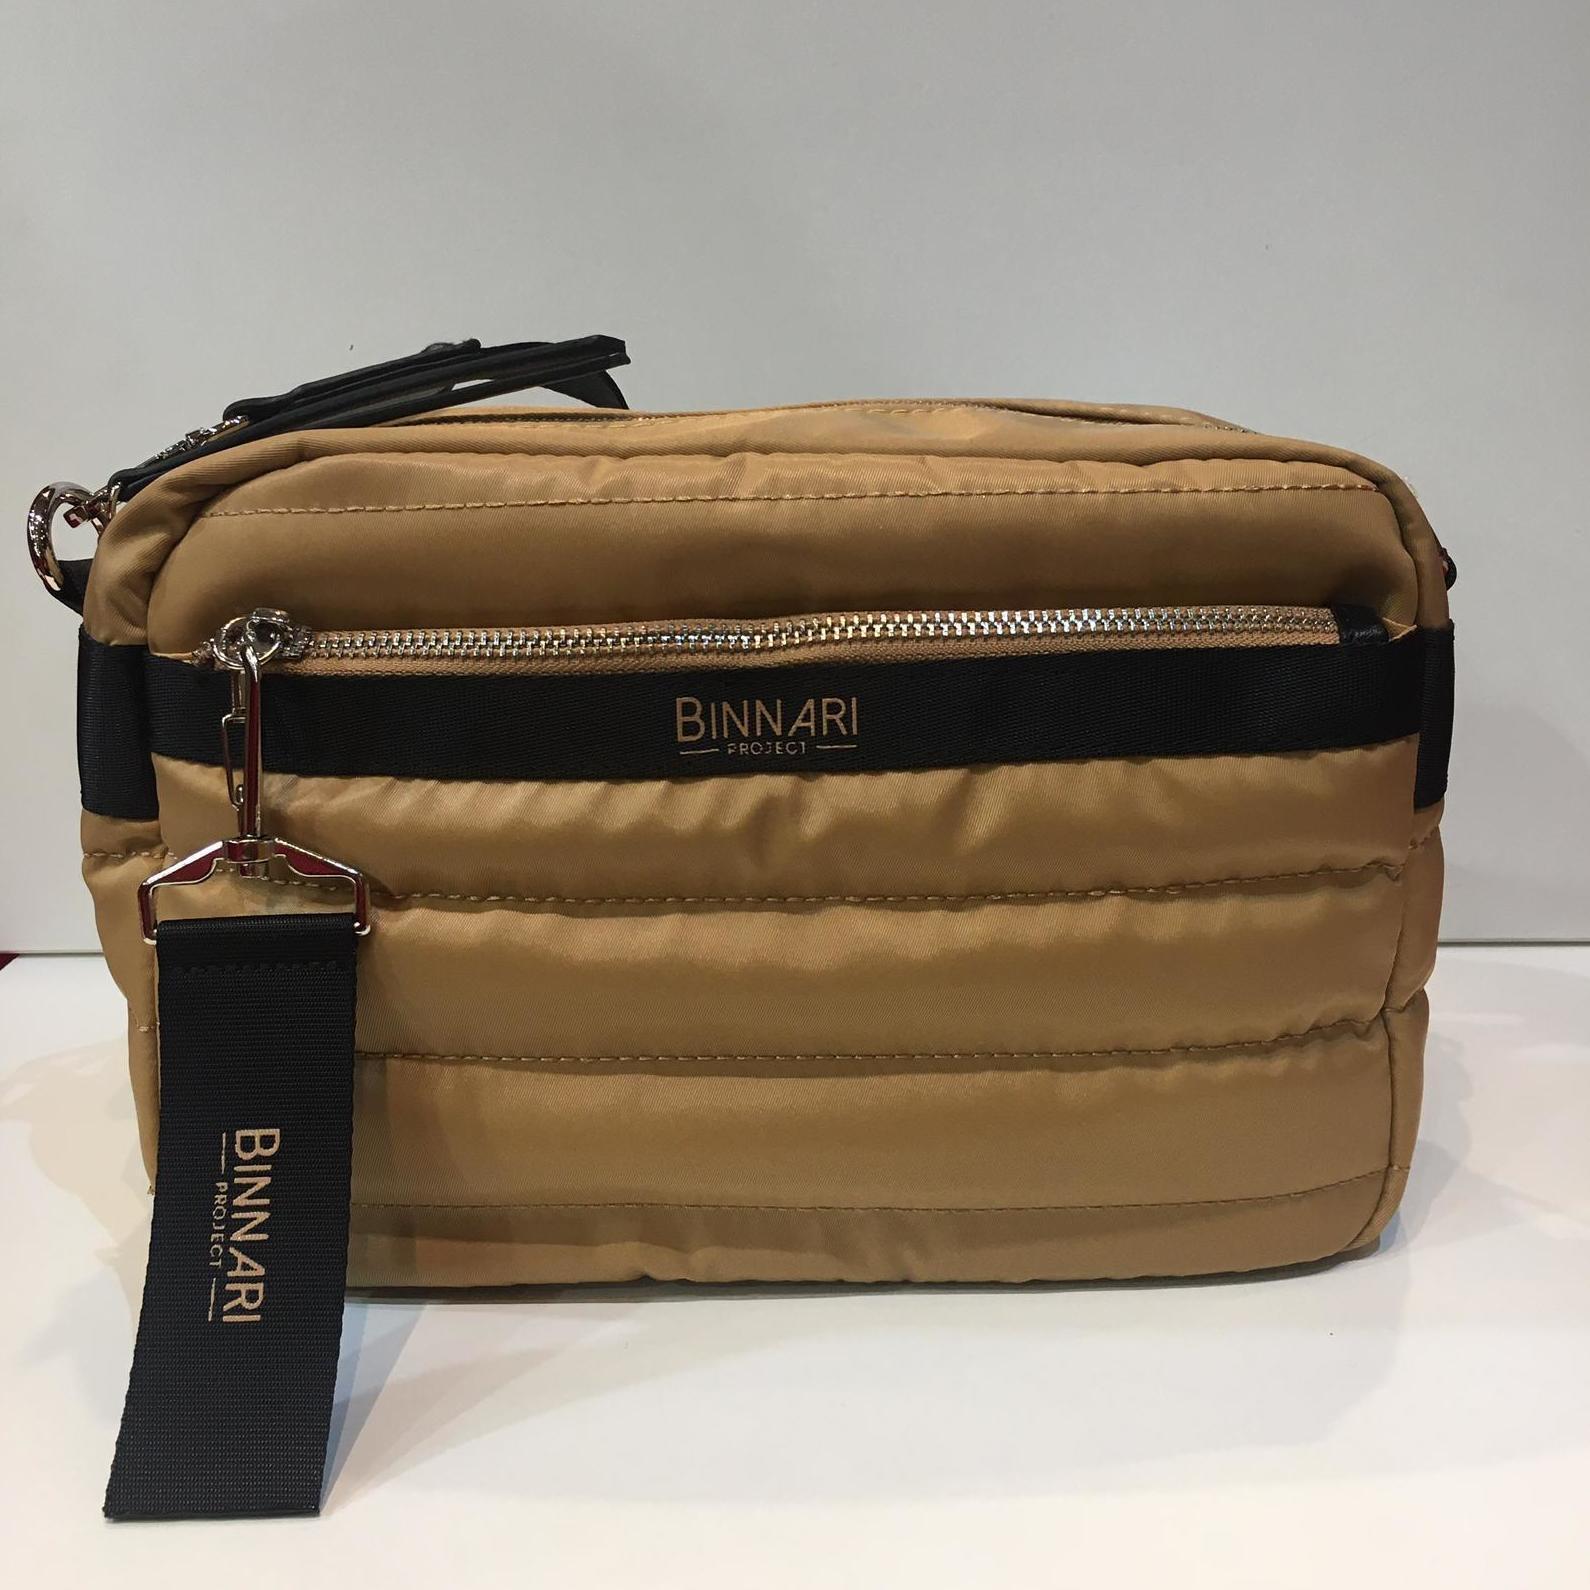 Bossa de la marca Binnari, de mida mitjana, amb tira llarga per creuar, i molts compartiments 39.50€